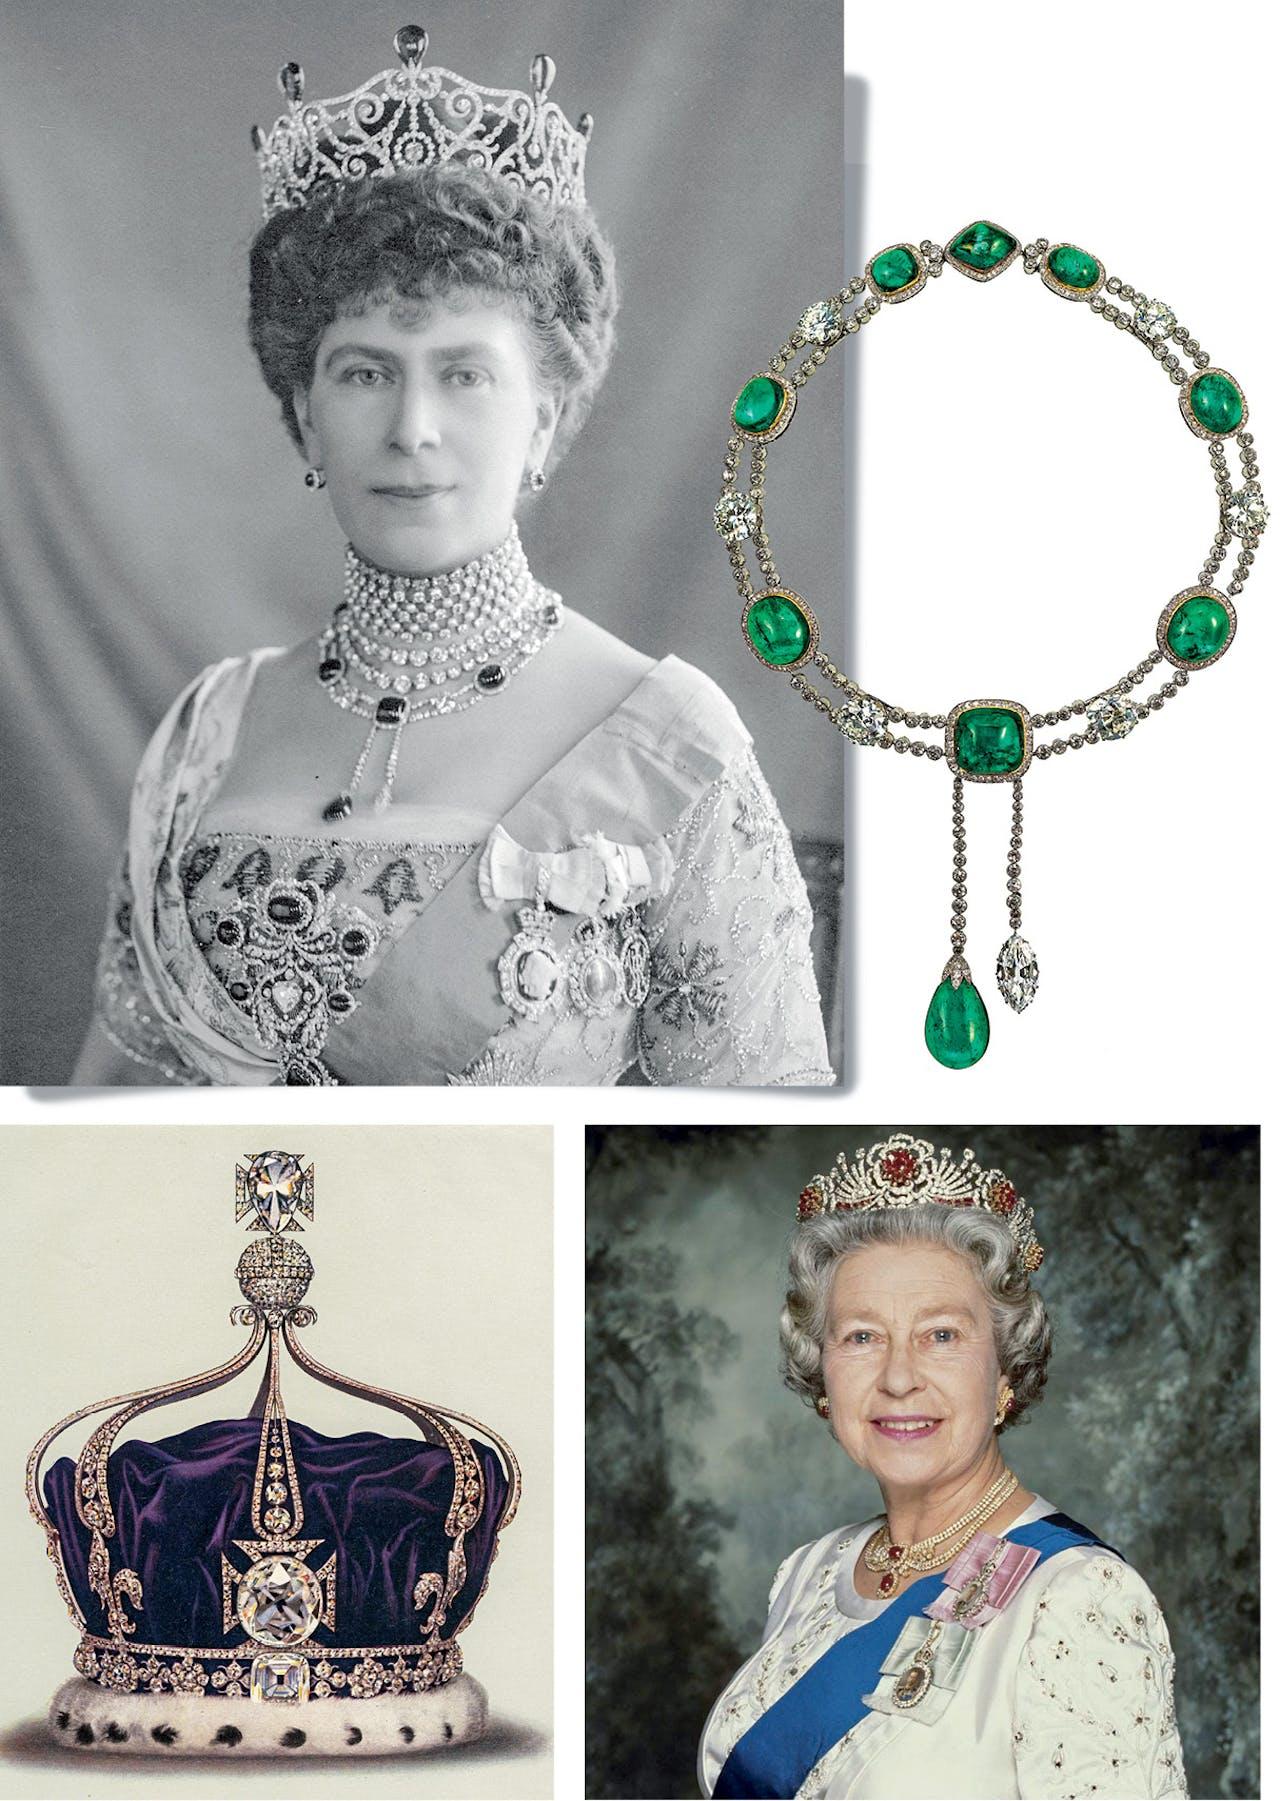 Boven: Queen Mary met de Delhi Durbar Parure. Onder rechts: Queen Elizabeth II met de Burmese Ruby Tiara; links: de kroon met de Koh-i-Noor-diamant.